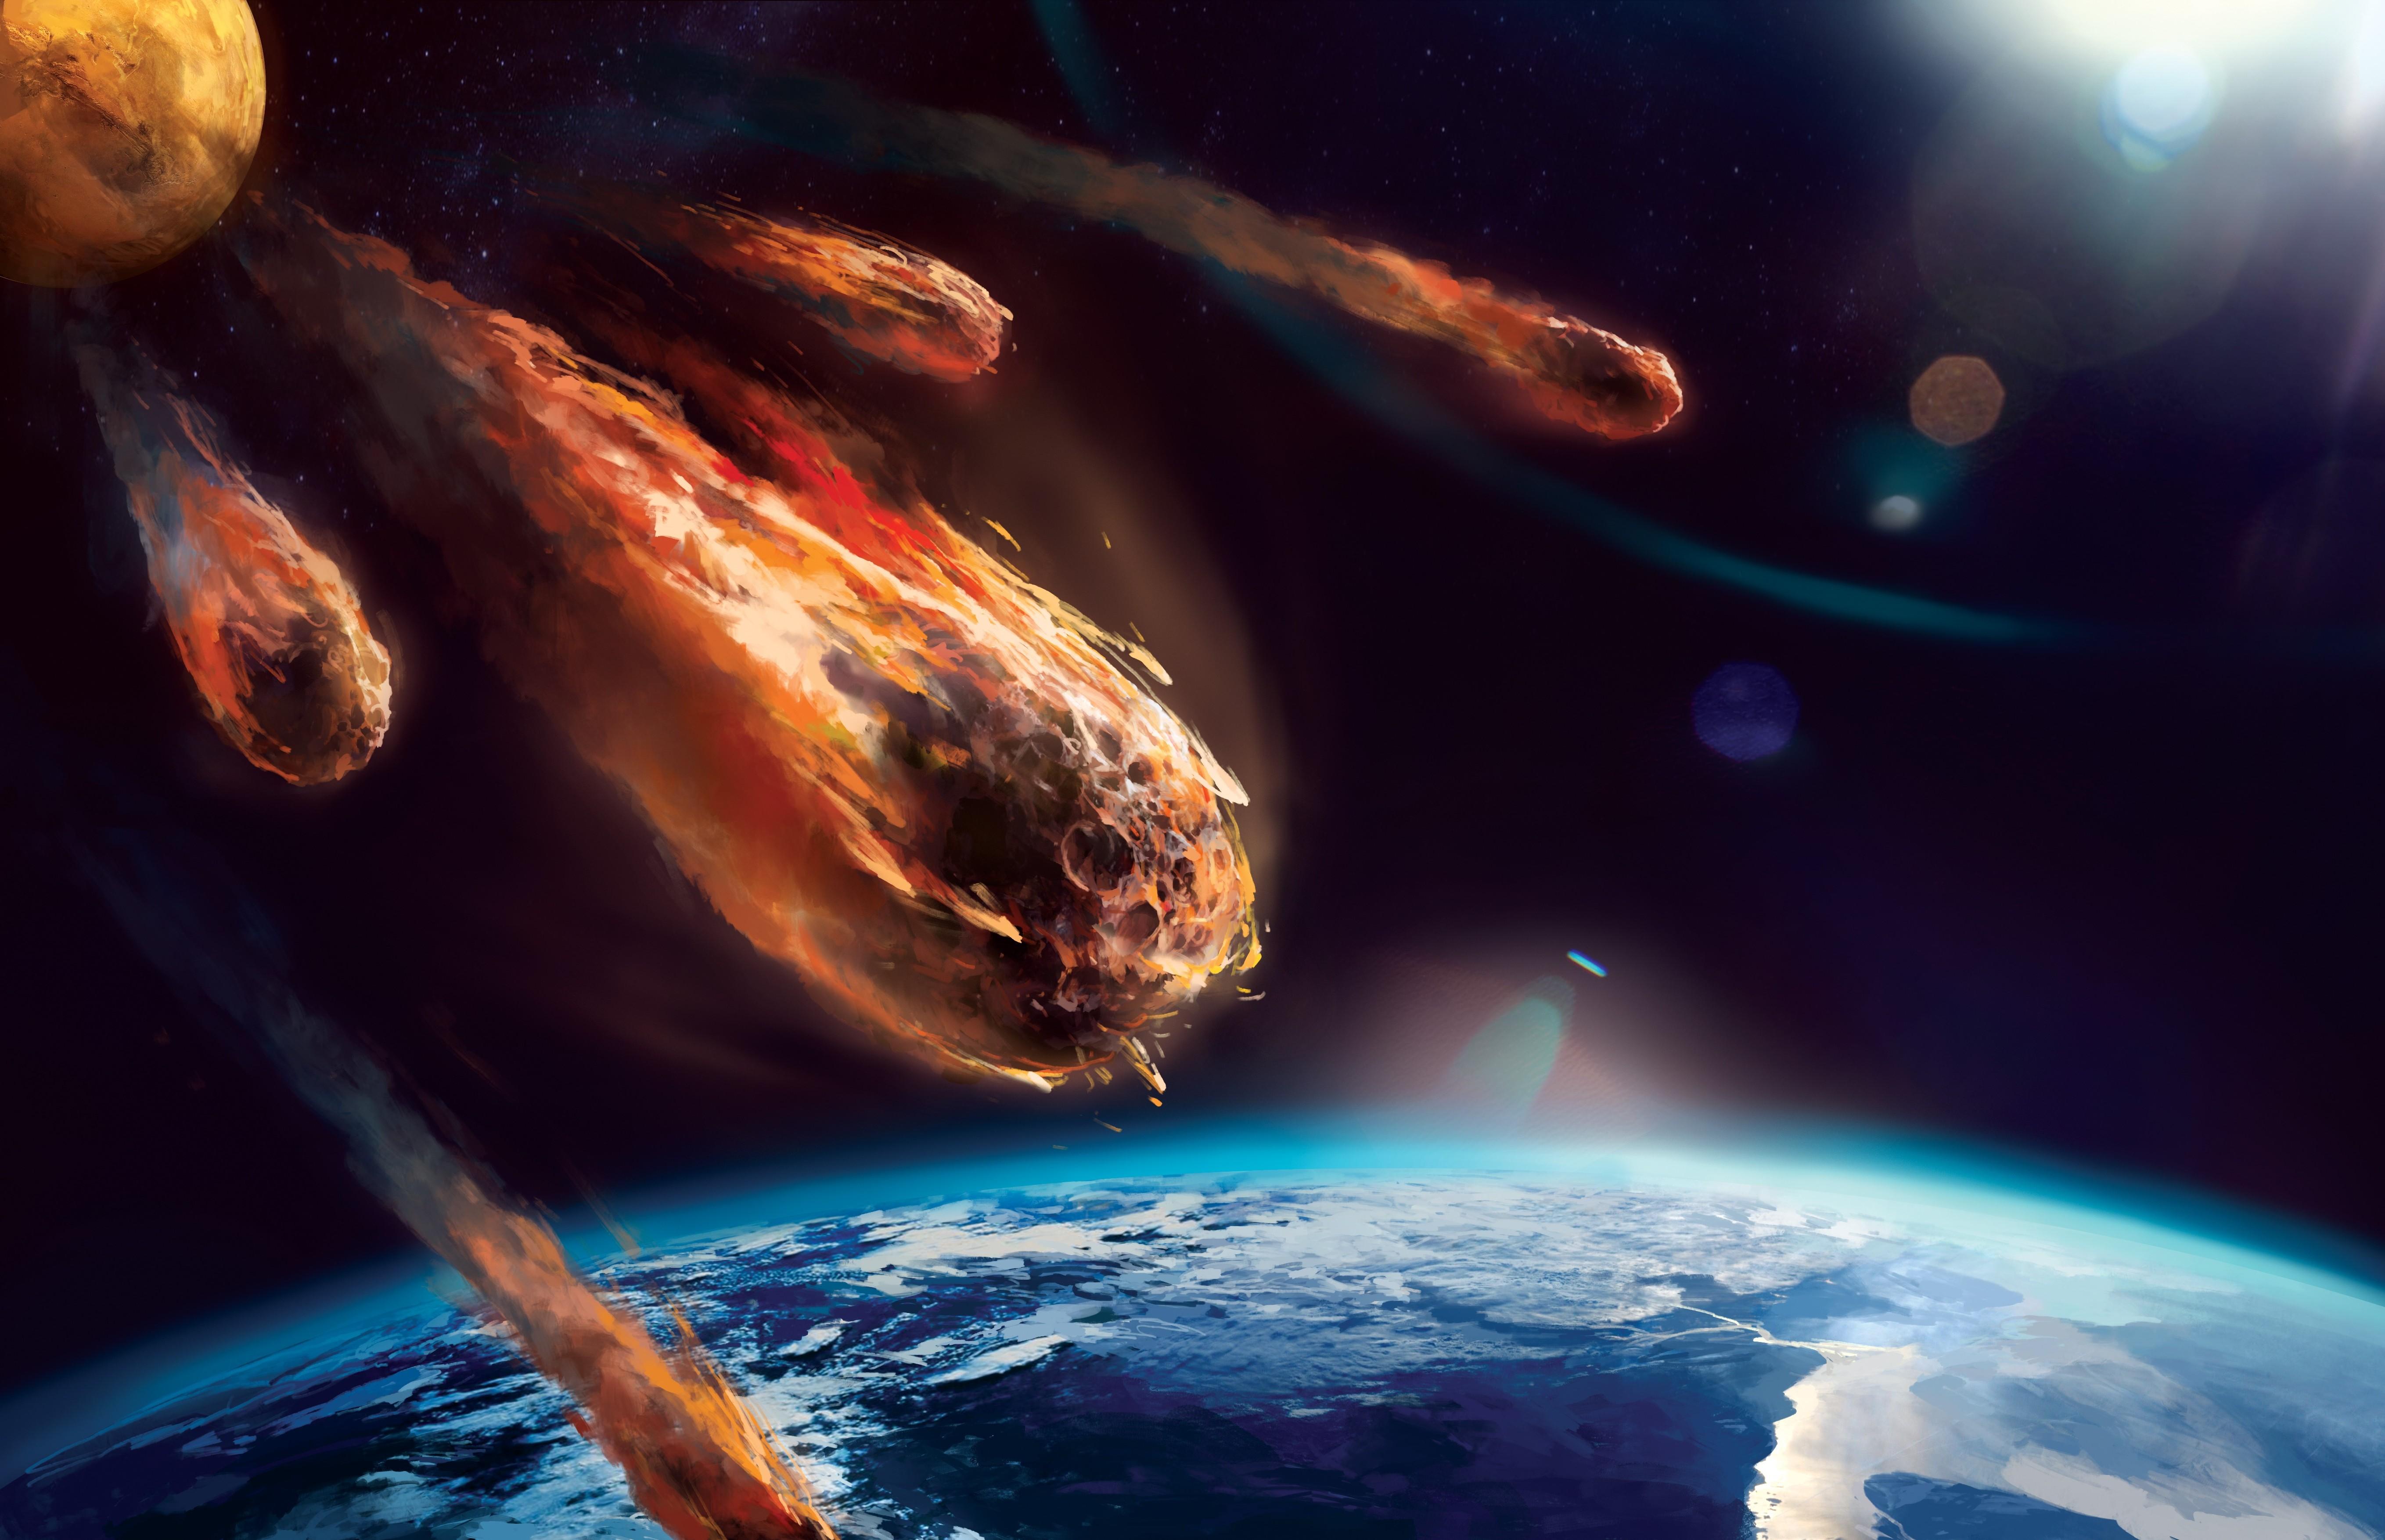 это метеоры в космосе картинки дневника